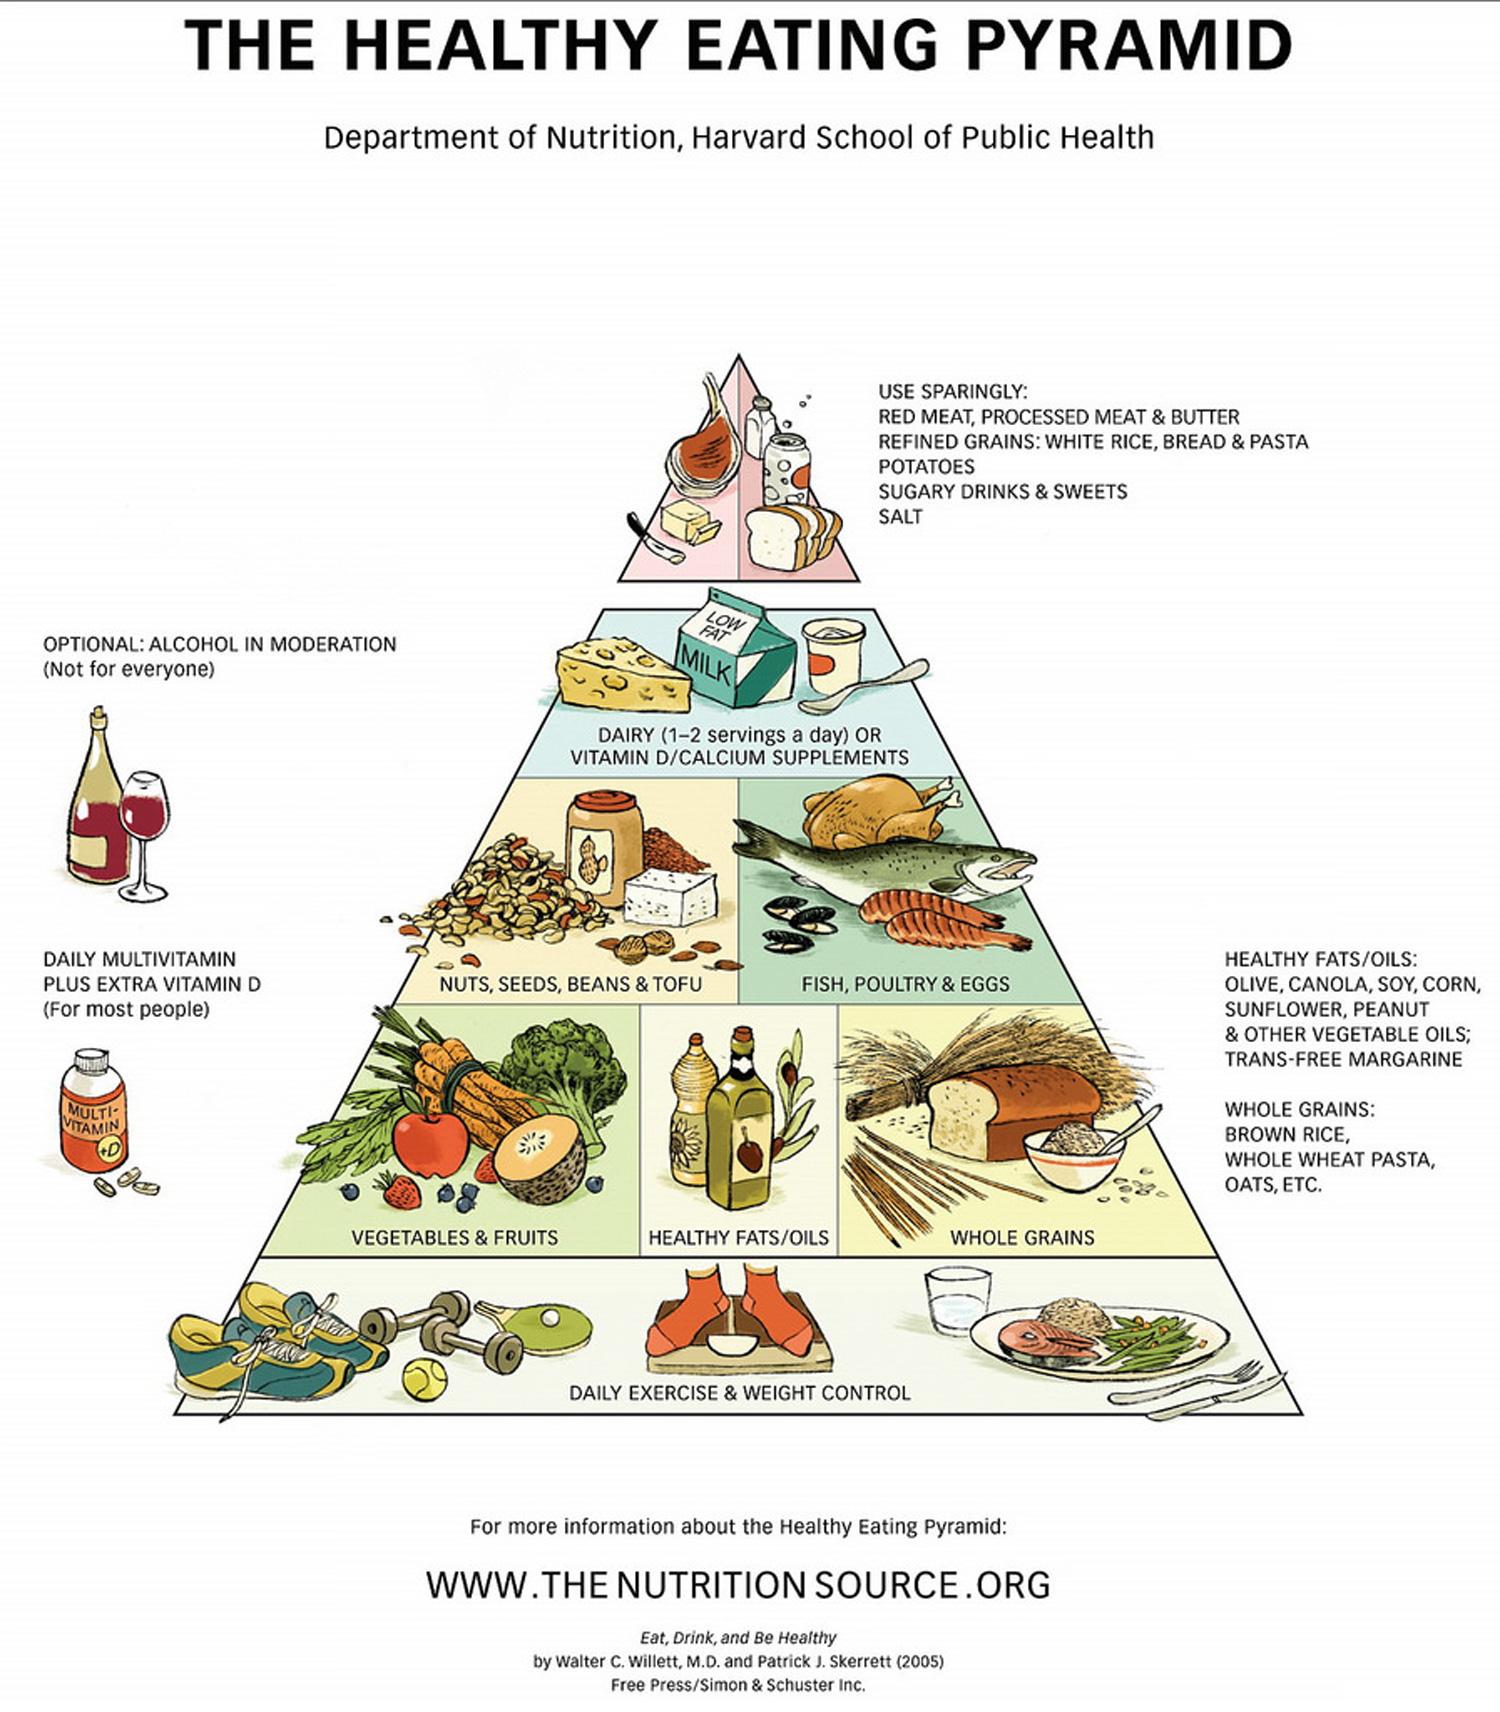 Pirámide / Alimentos / Salud / Prioridad / Dieta / Variedad